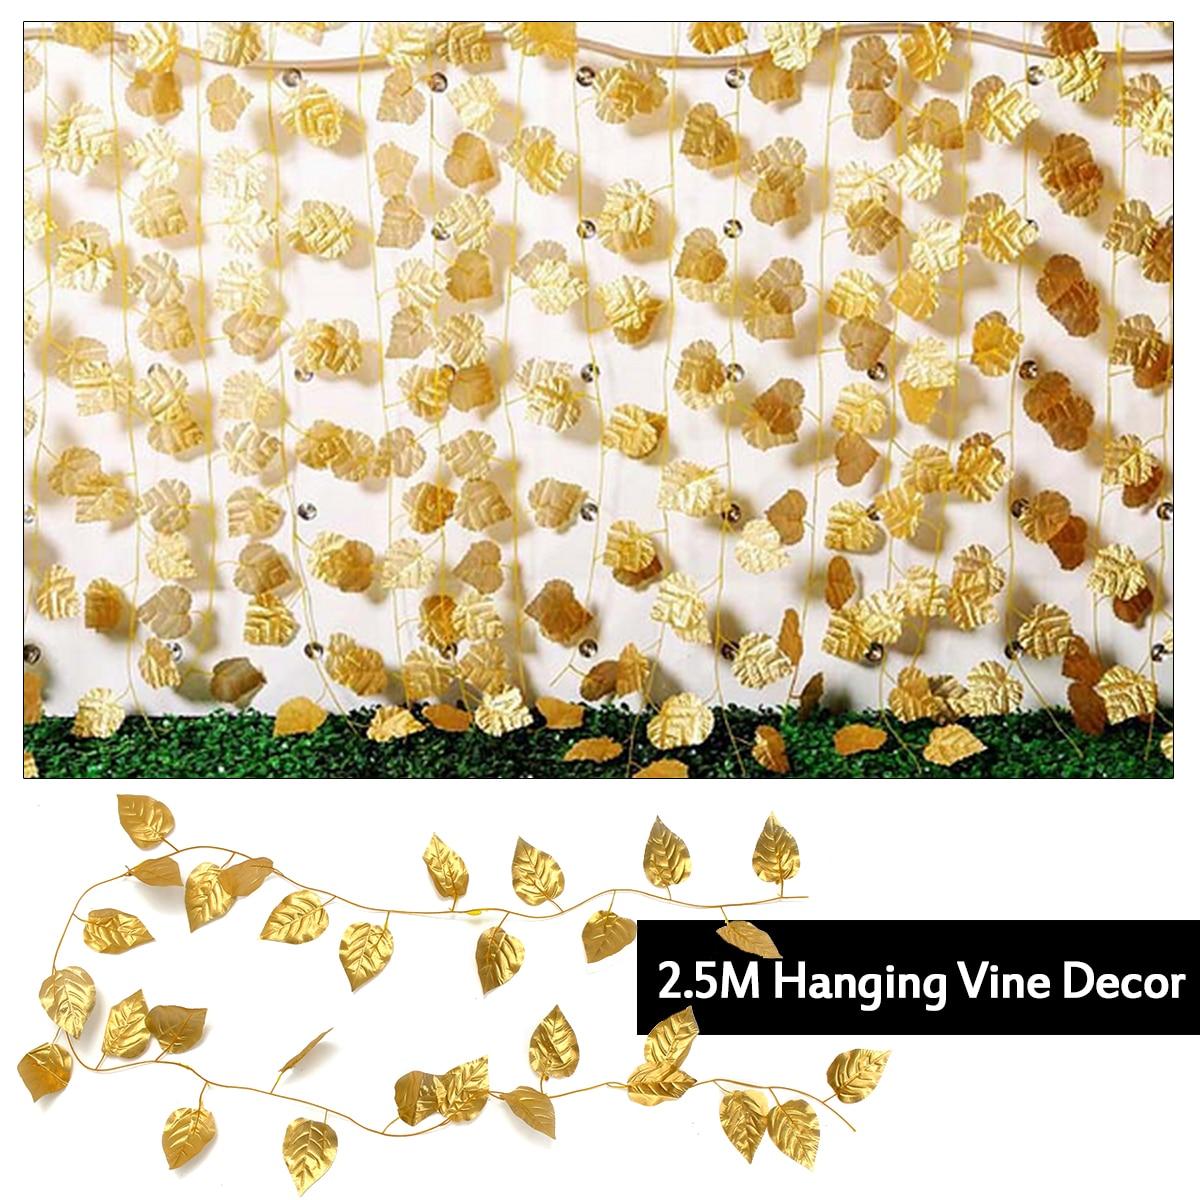 1 Stücke 250 Cm Gold Seide Ivy Vine Künstliche Blumen Laub Getrocknete Blume Girlande Blätter Pflanze Für Home Hochzeit Party Hängen Dekor